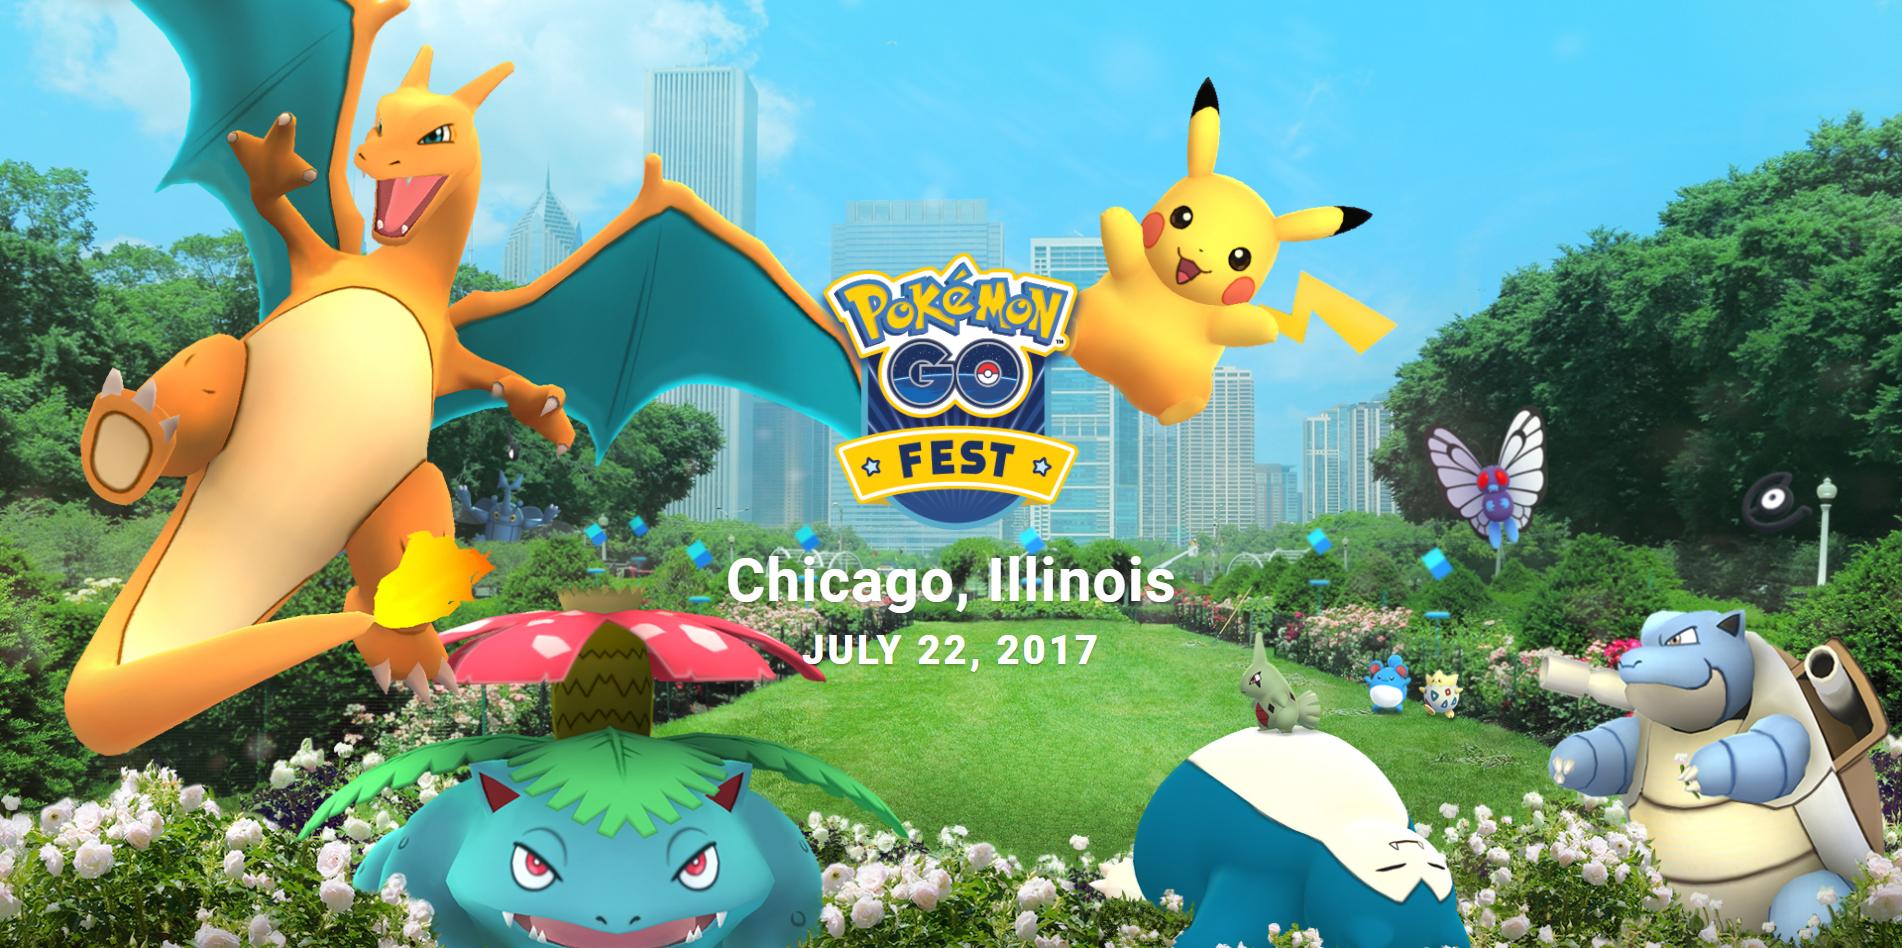 Photo of Pokémon Go Fest: Primer evento del juego en el mundo real